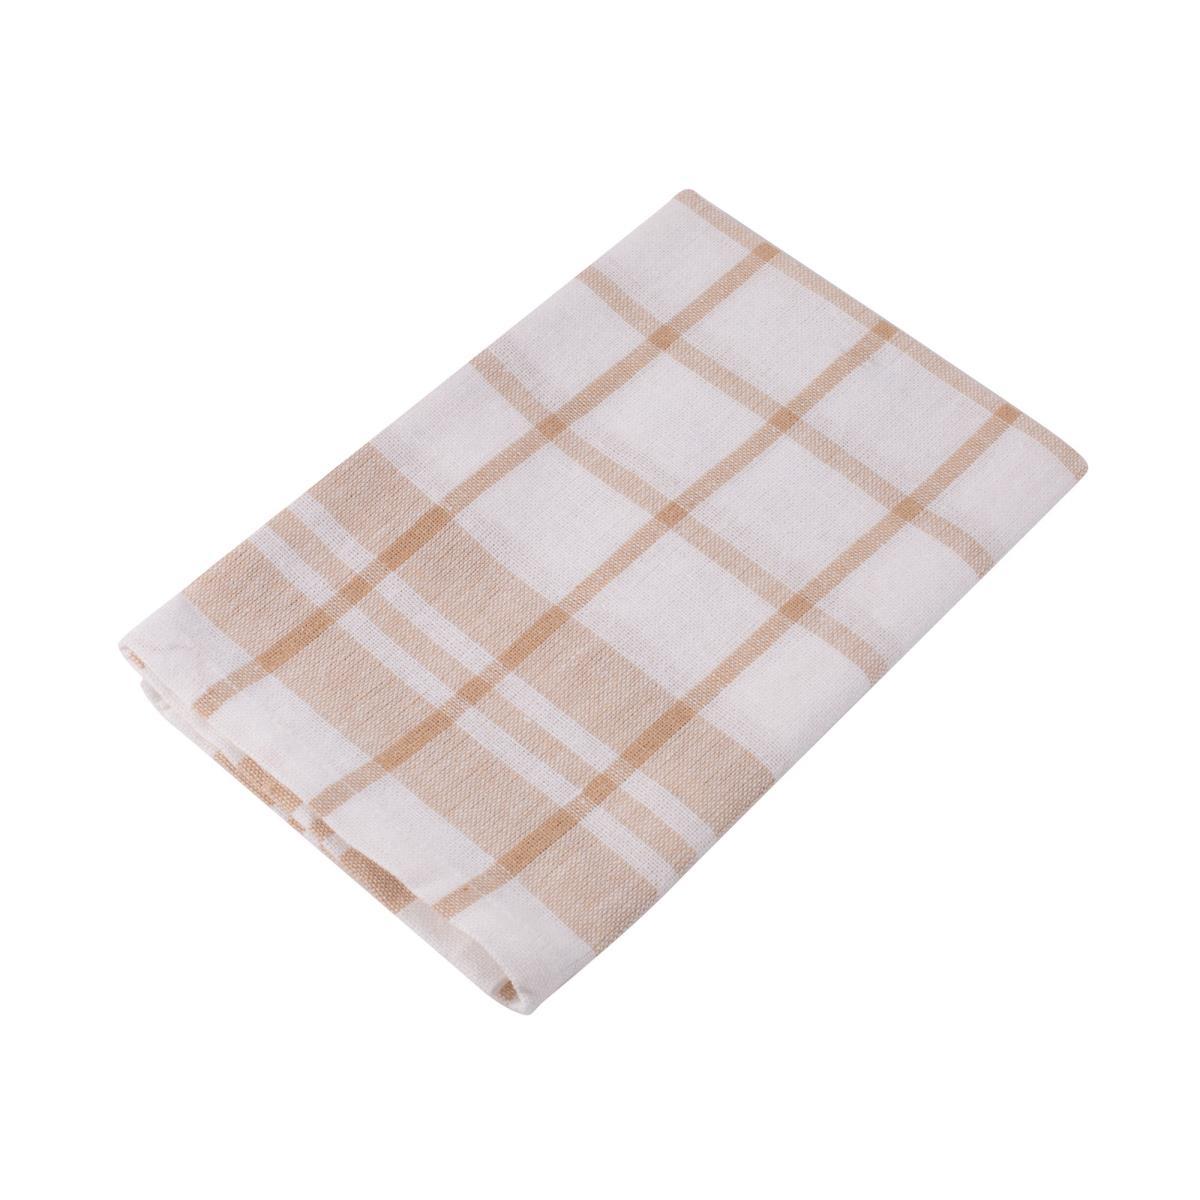 3x Küchenhandtücher Geschirrtuch hängenden Handtuch Küche Tuch 45x45cm,OKKO,4772013144076, 4243067014740